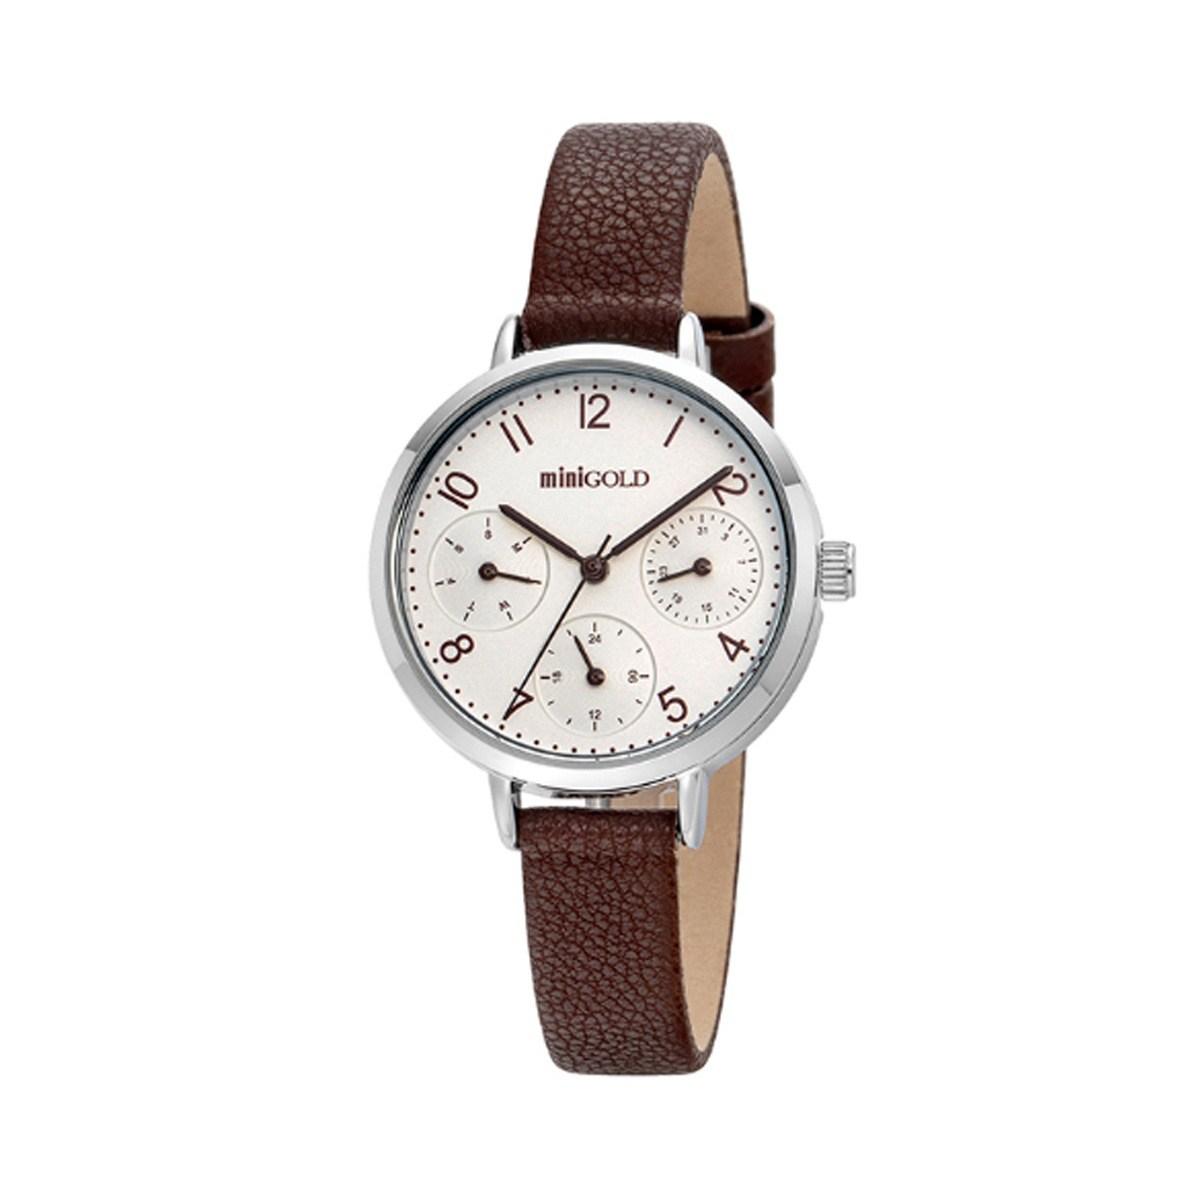 미니골드 클래식라인 브라운 시계 W220LWBR